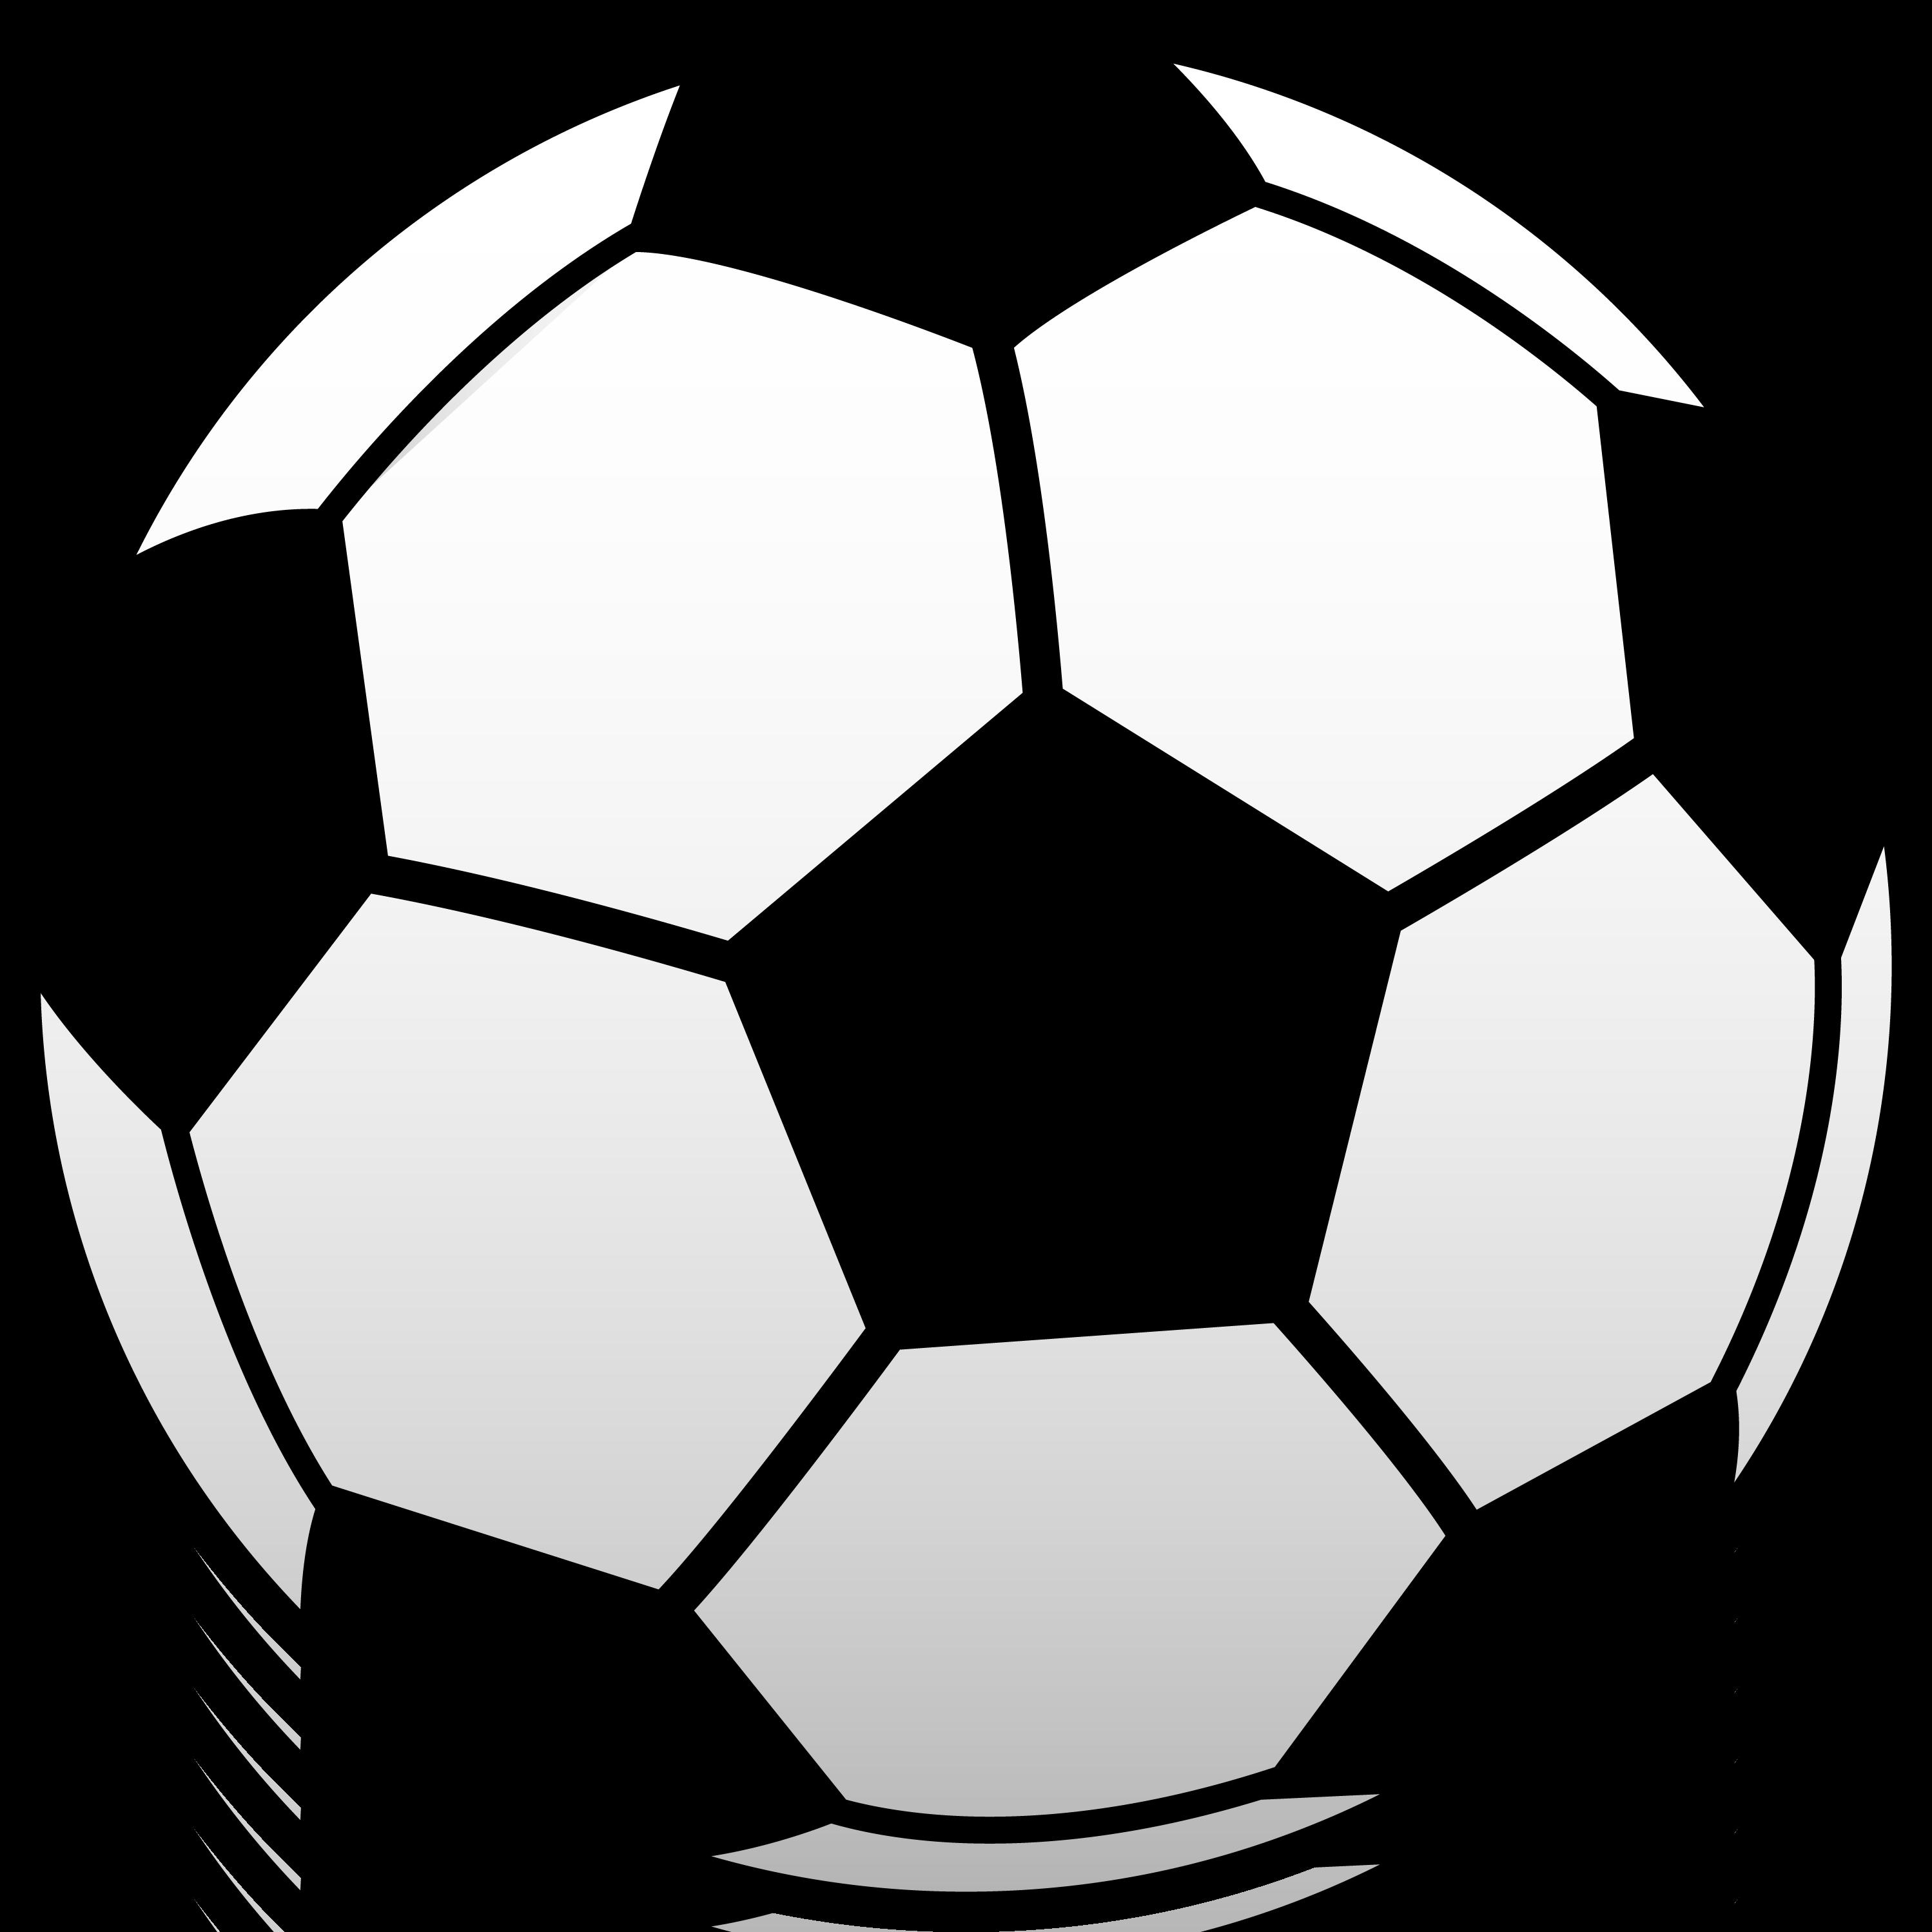 soccer ball clipart-soccer ball clipart-1